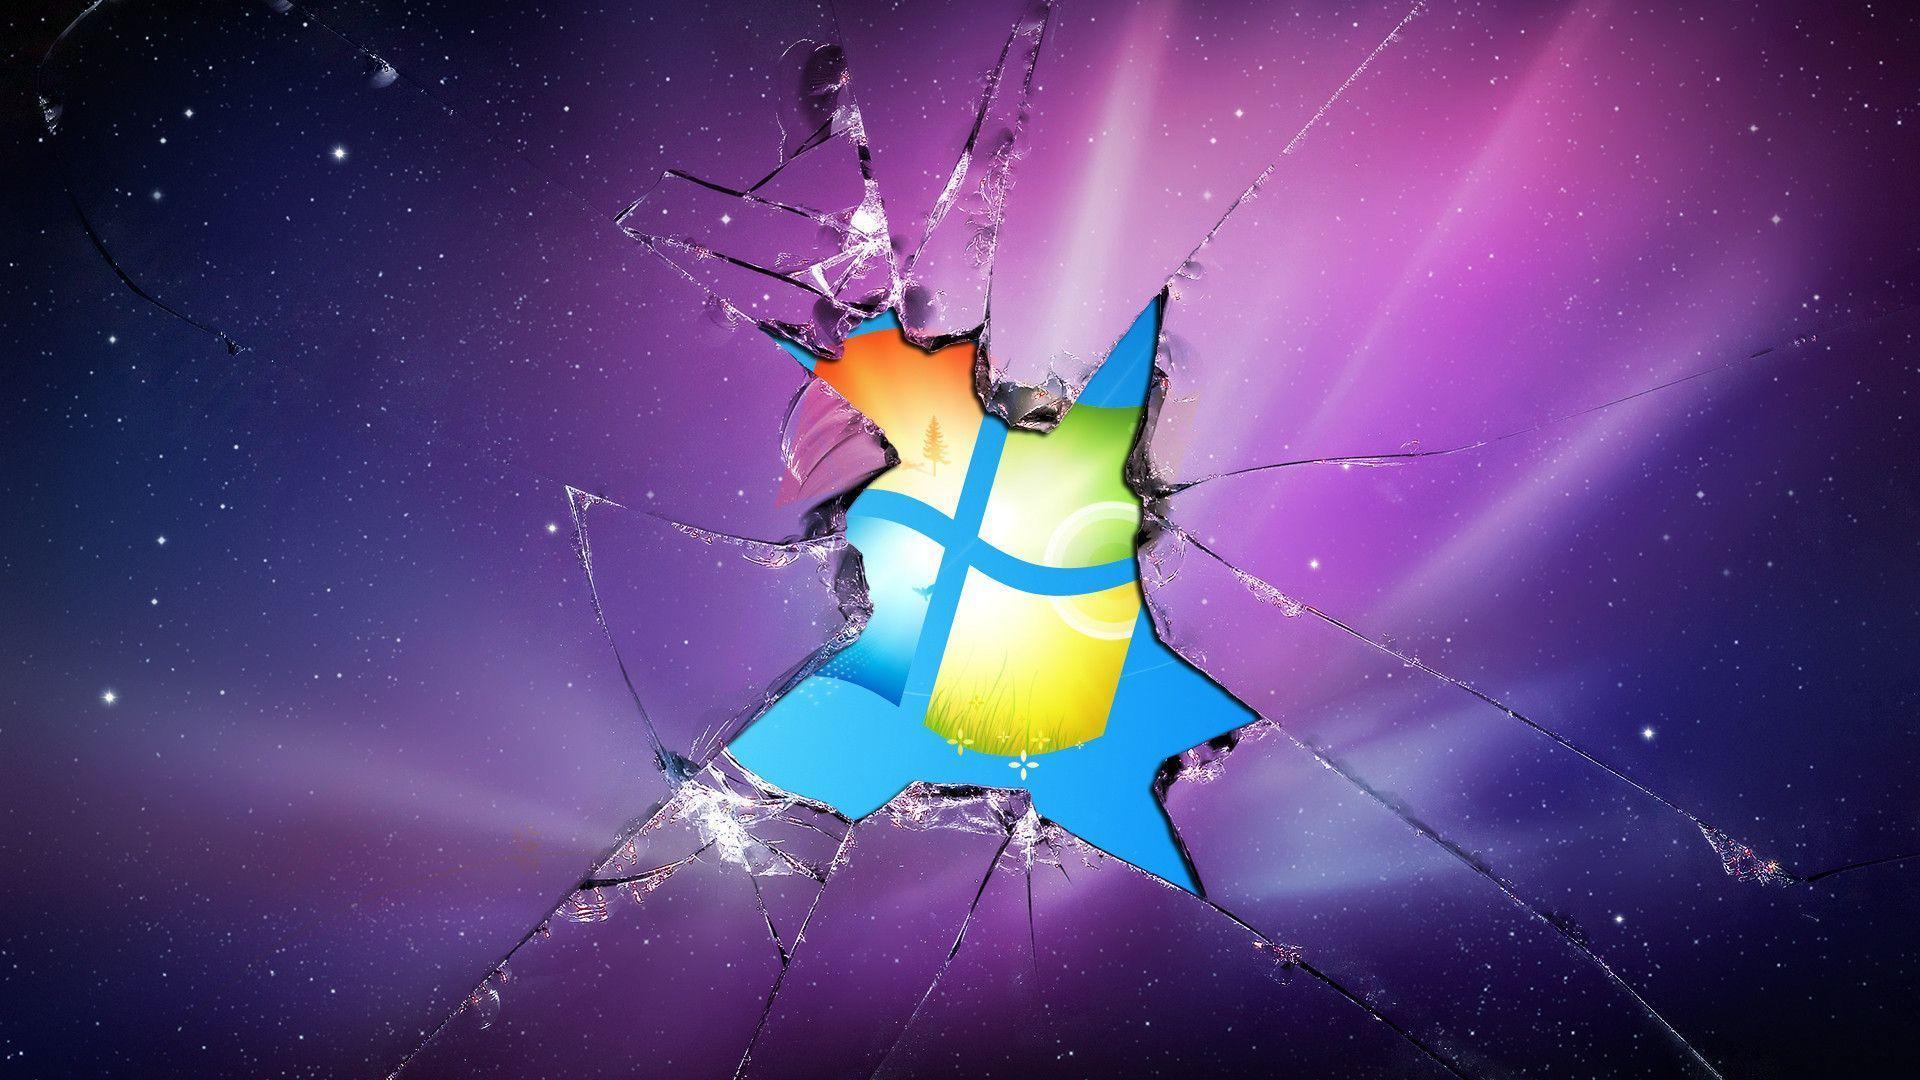 cracked screen wallpaper macbook - photo #8